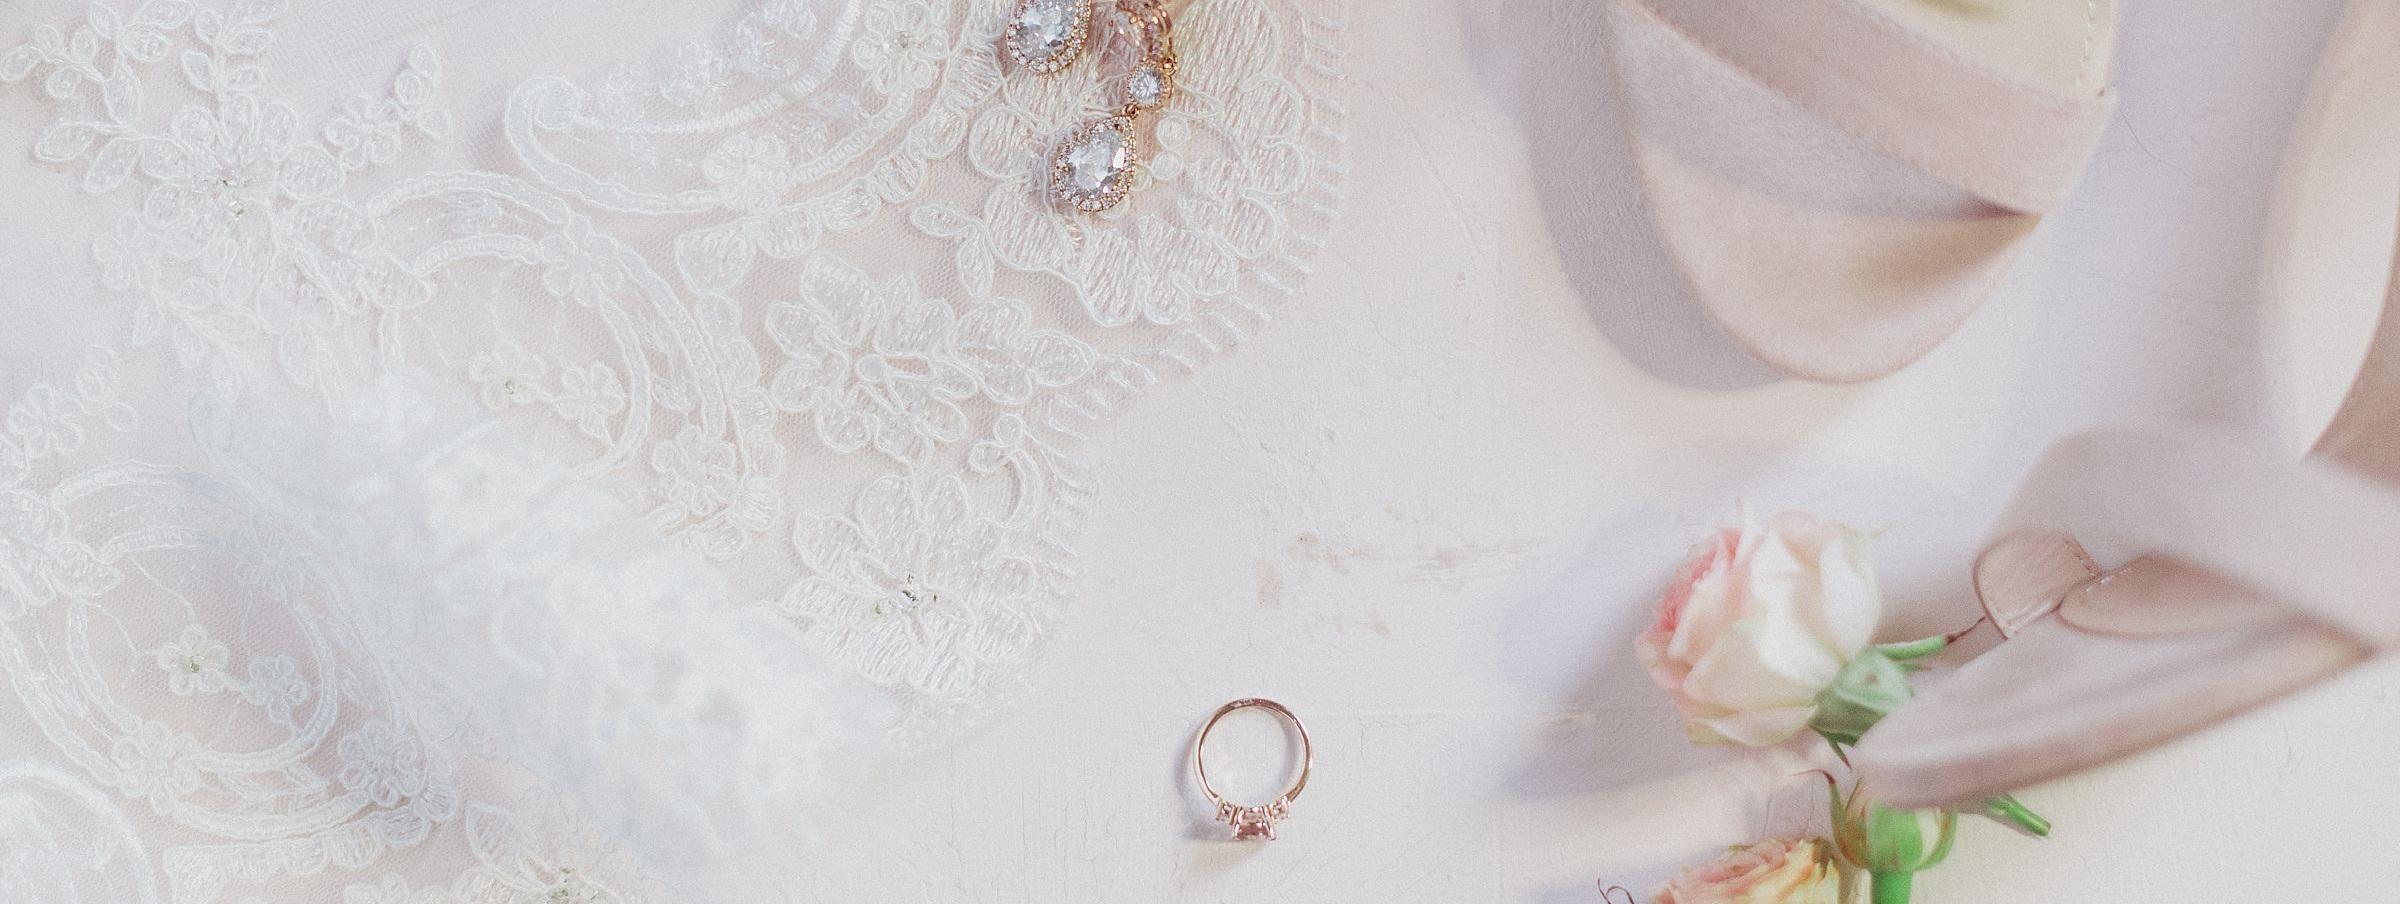 brazilian-room-wedding_5420.jpg